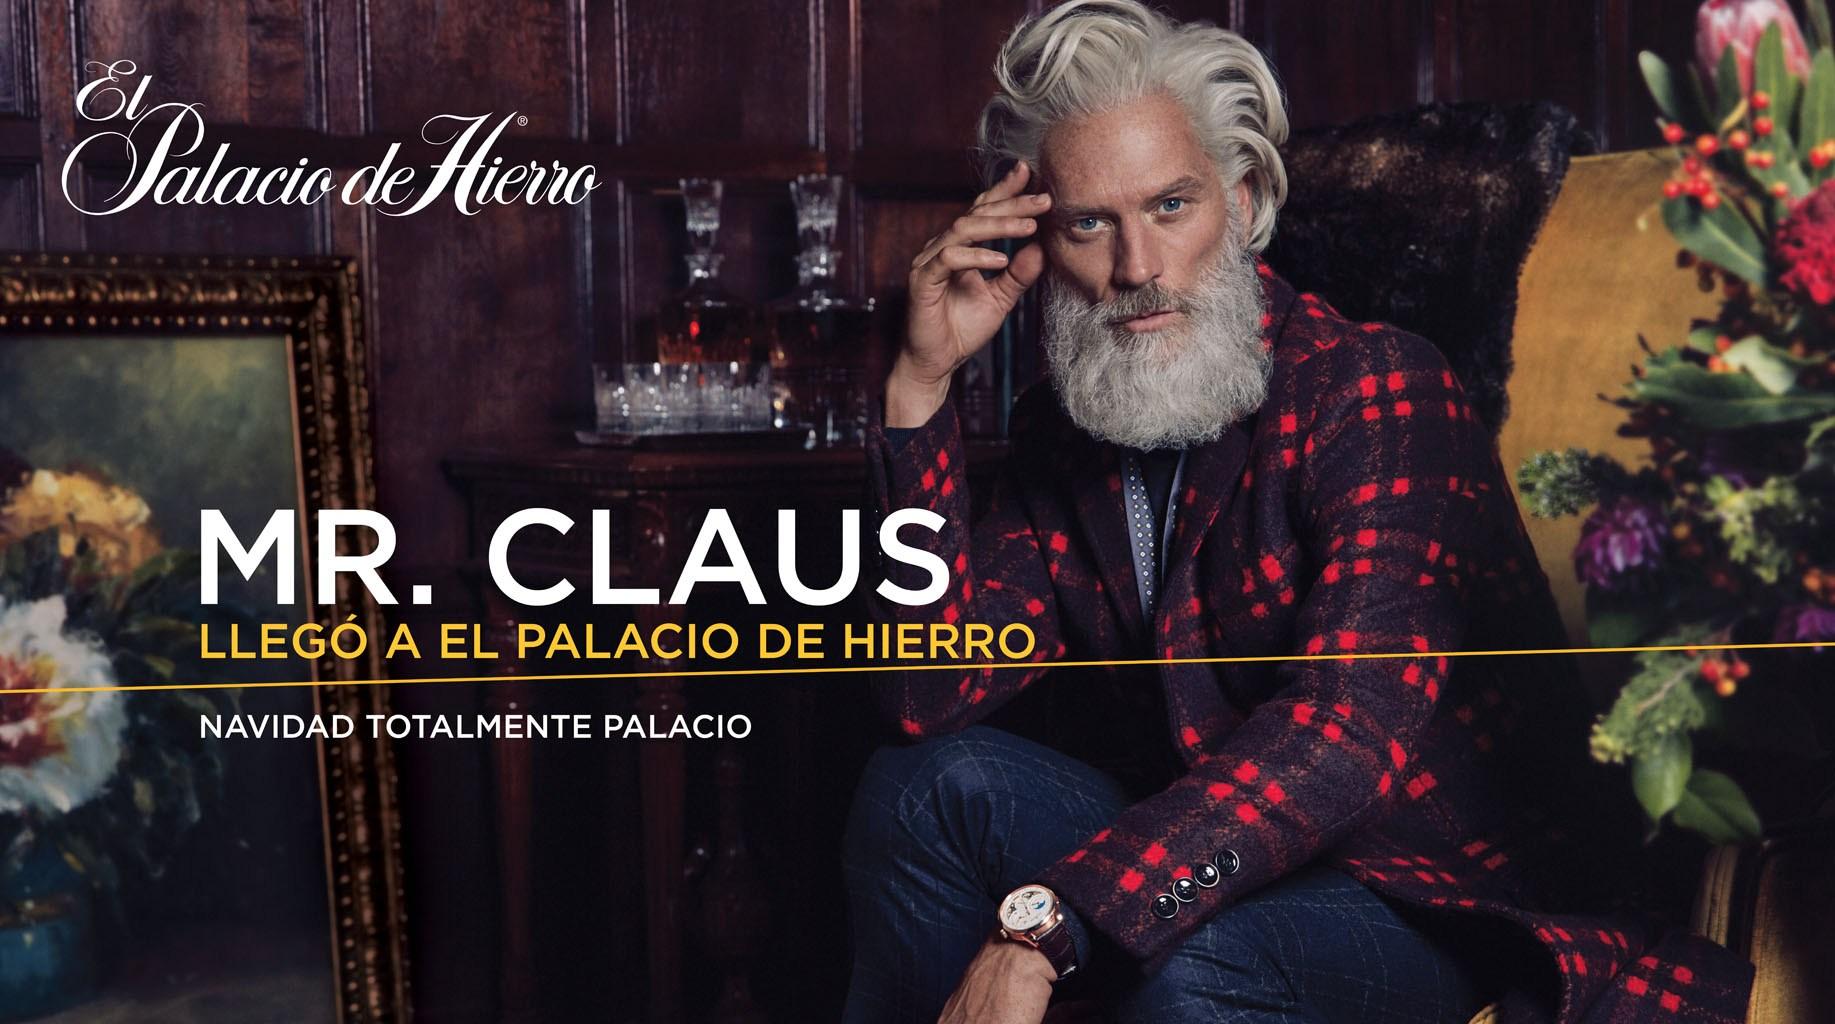 Paul Mason is Mr. Claus for El Palacio de Hierro